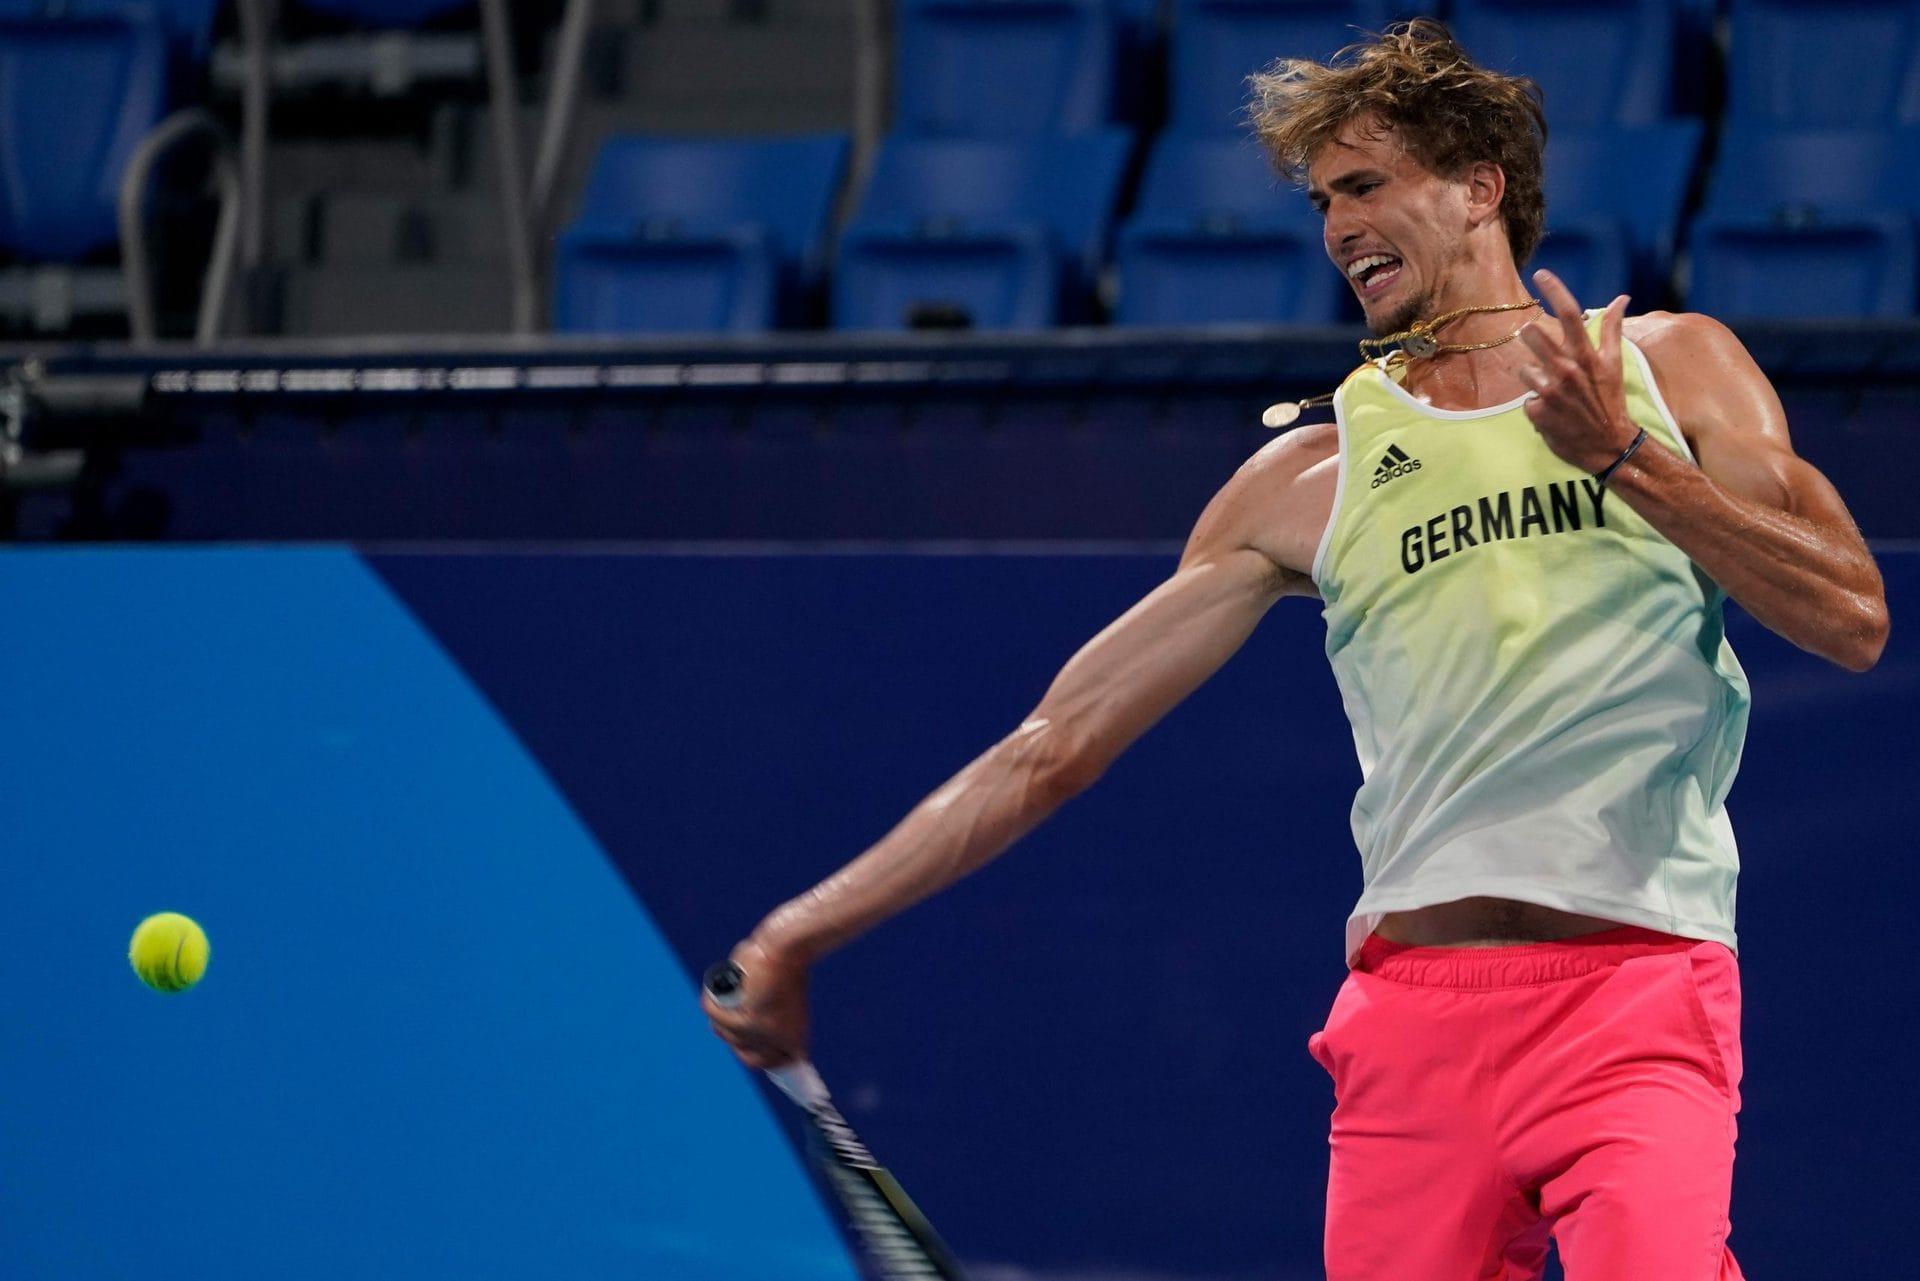 «Goldmedaille wäre schön»: Zverevs Motivation «riesig» Olympisches Tennisturnier